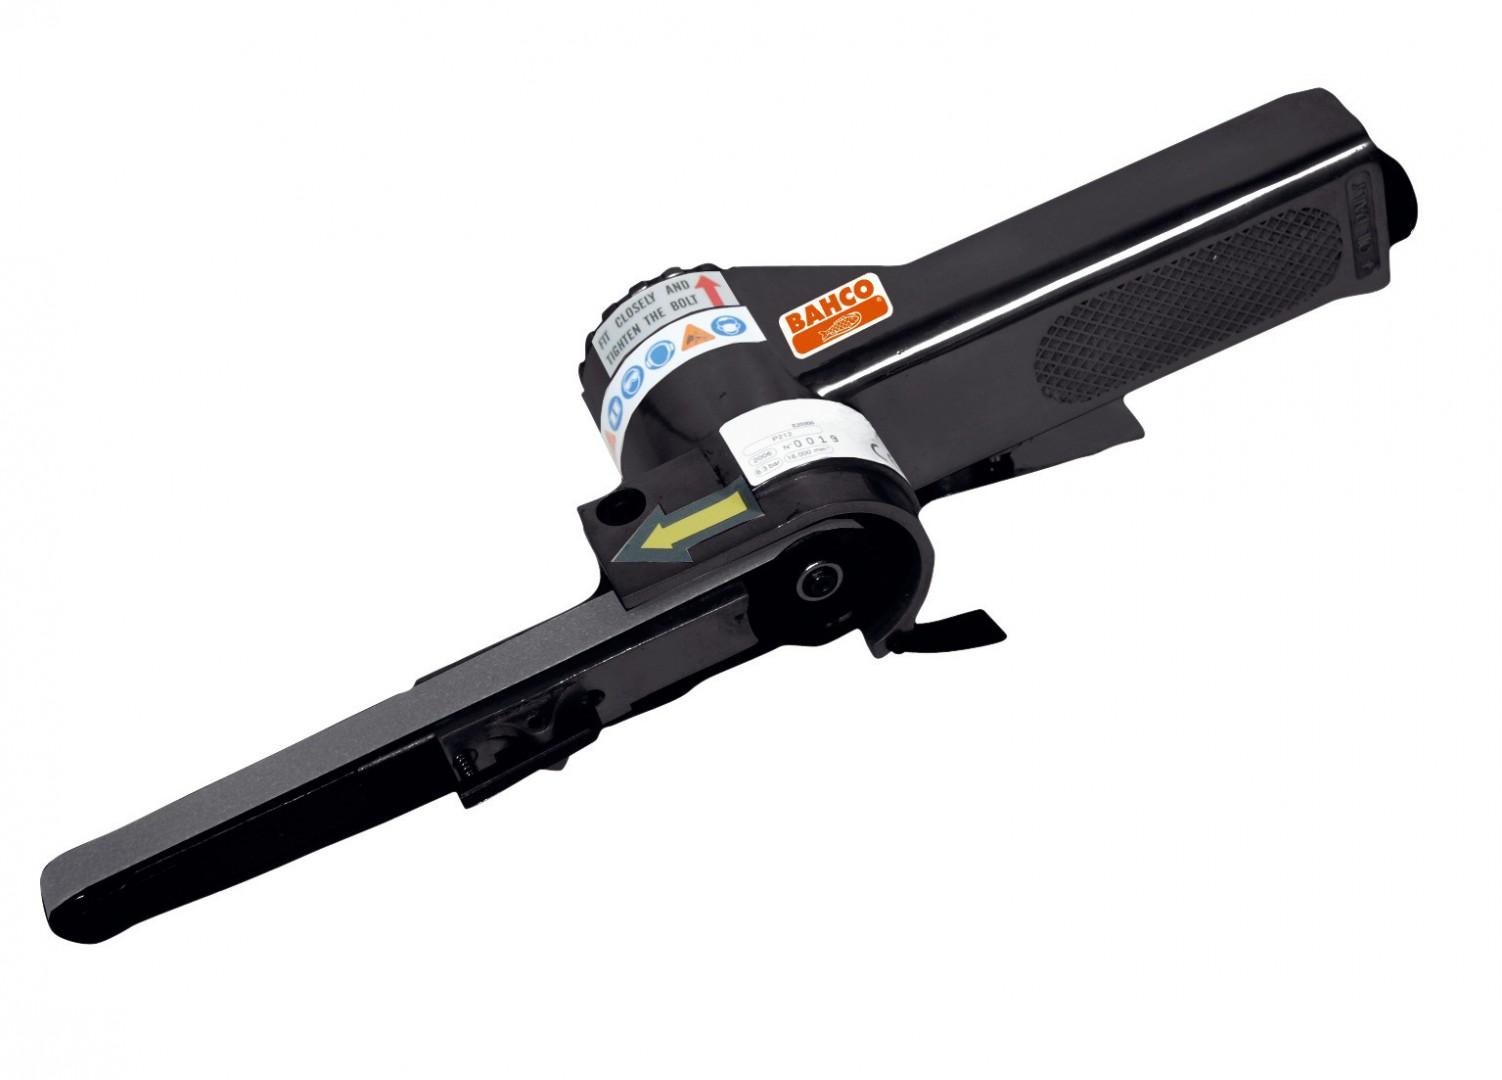 Szlifierka pneumatyczna paskowa 10 mm Bahco (nr kat. BP212)